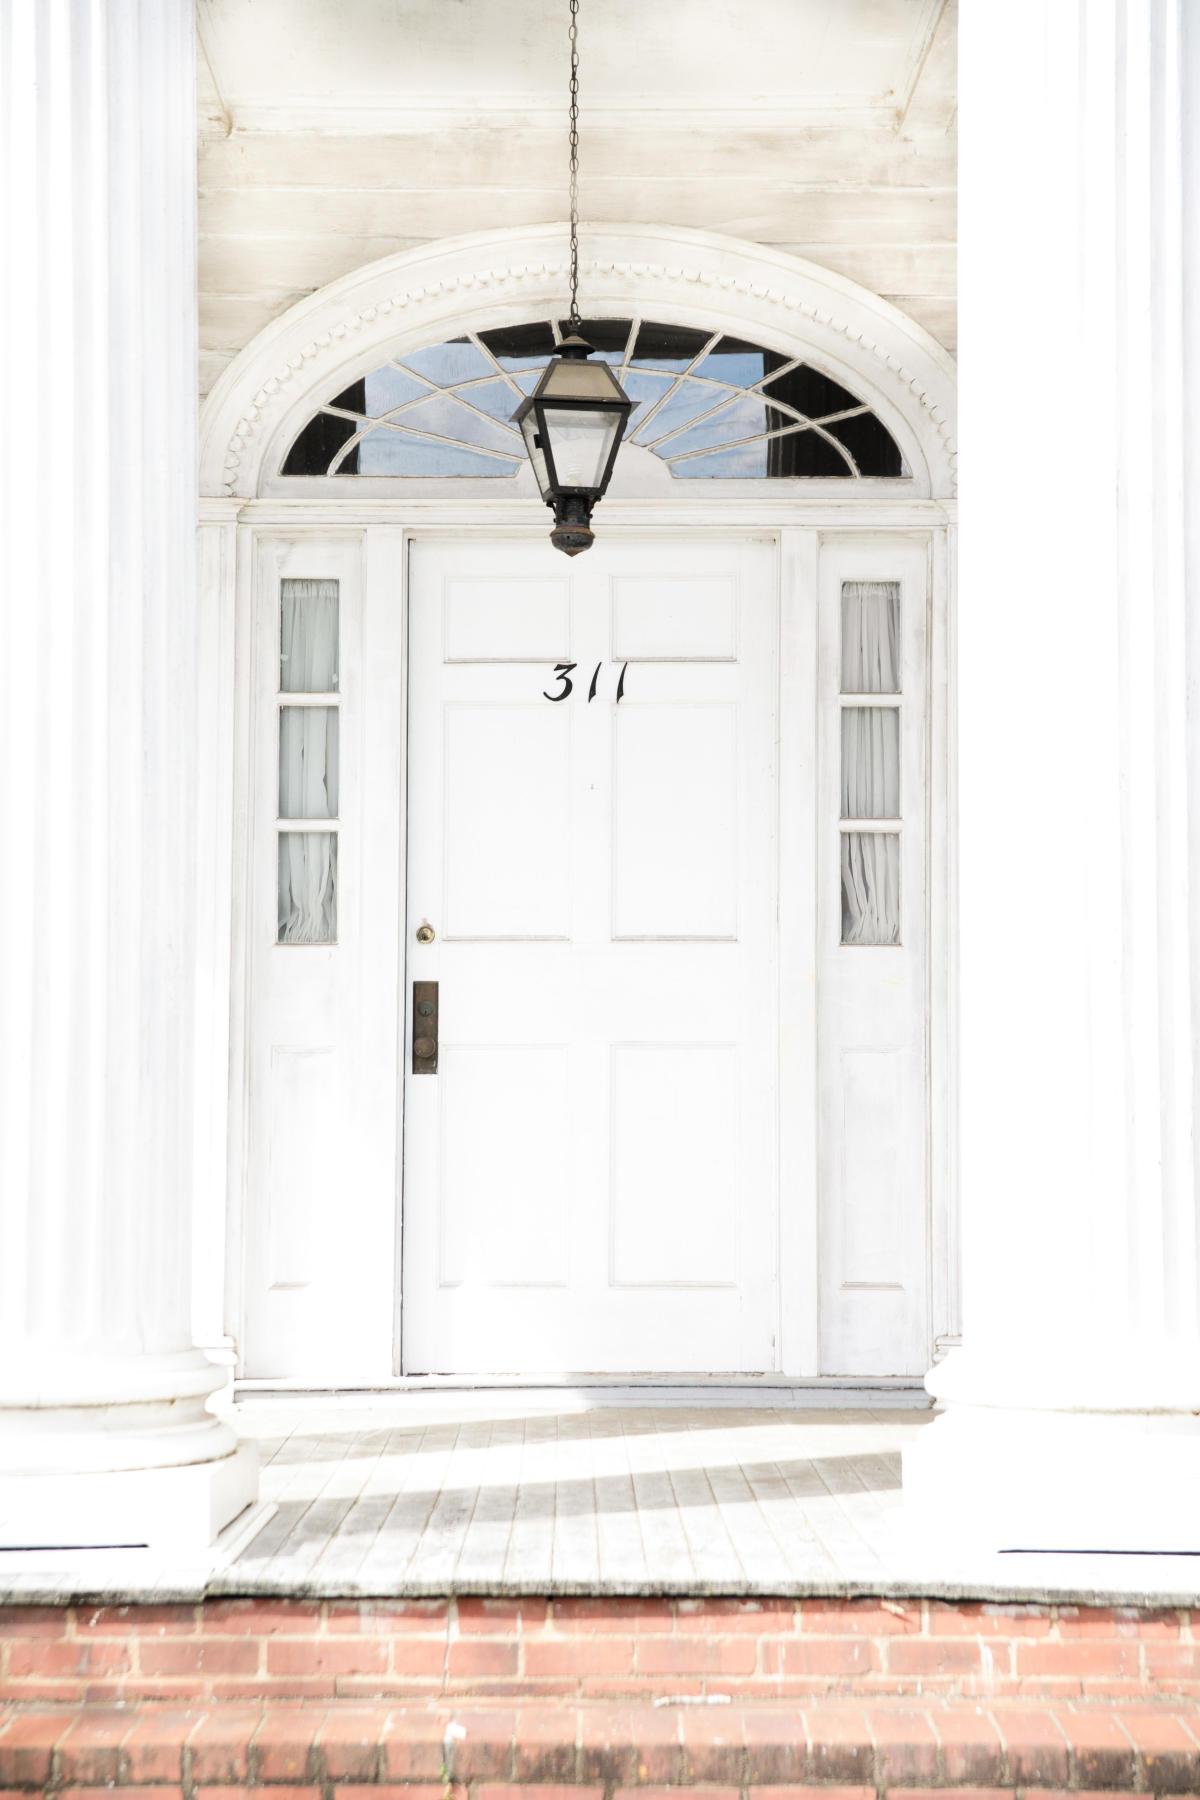 Cline-O'Connor-Florencourt House fanlight